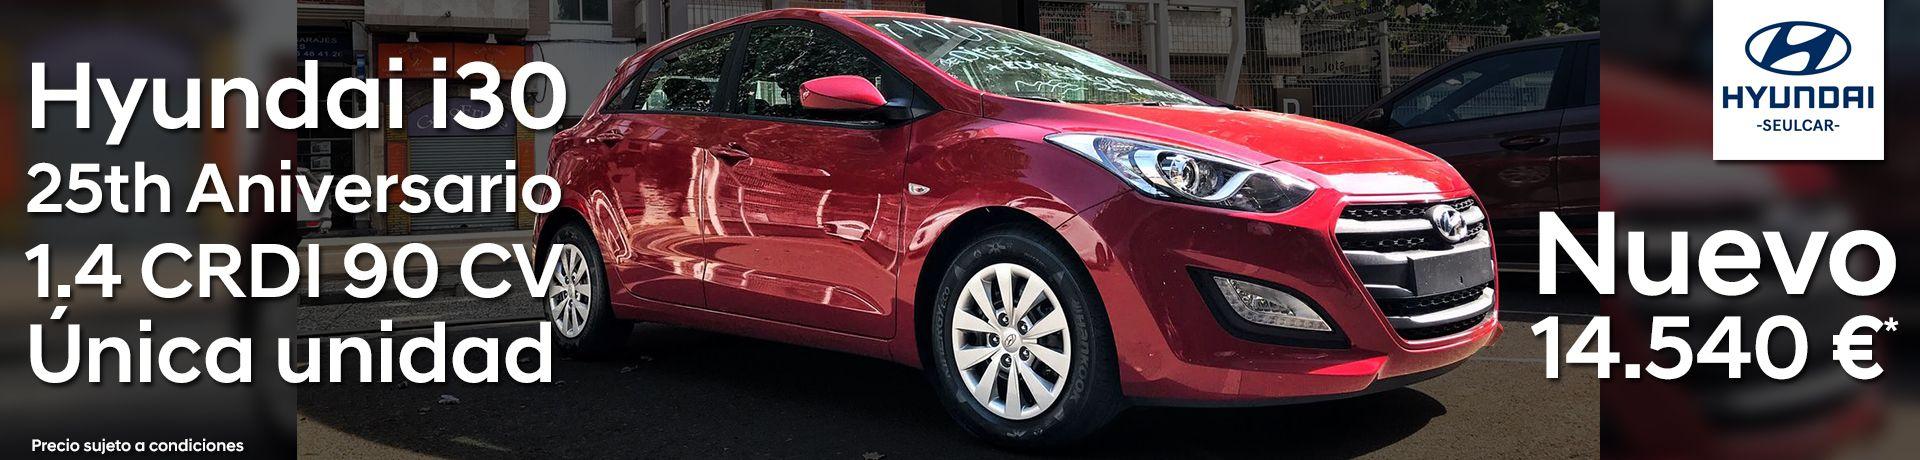 Única unidad Hyundai i30 25 Aniversario